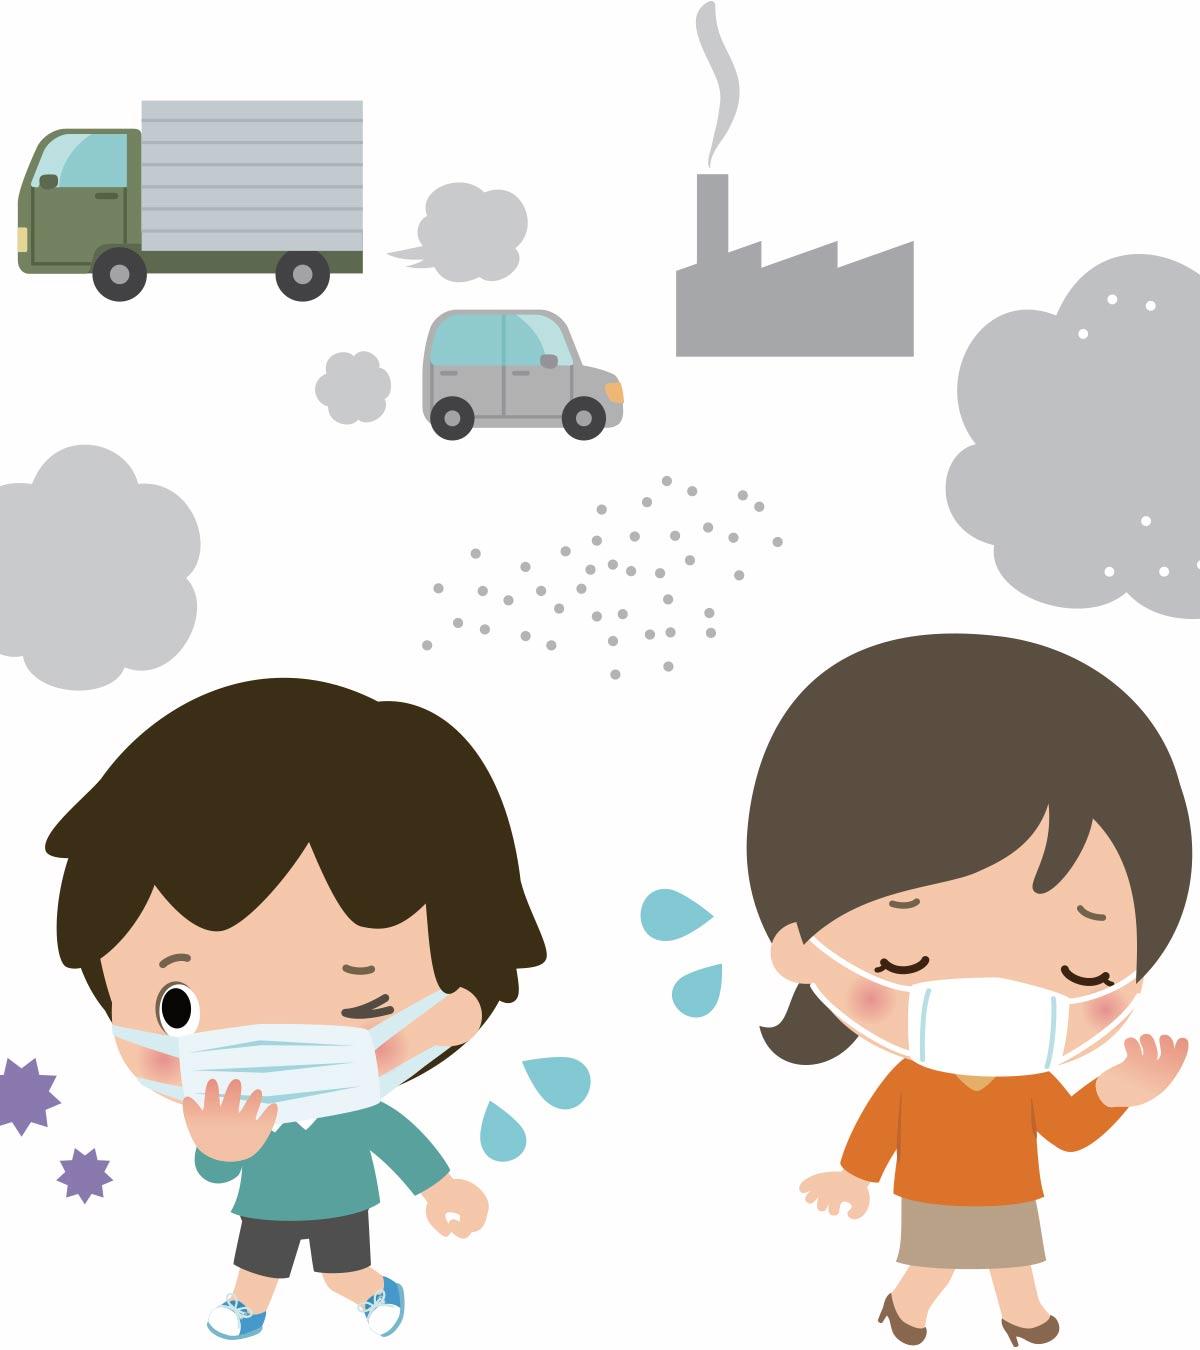 air pollution health cri child - HD1200×1350